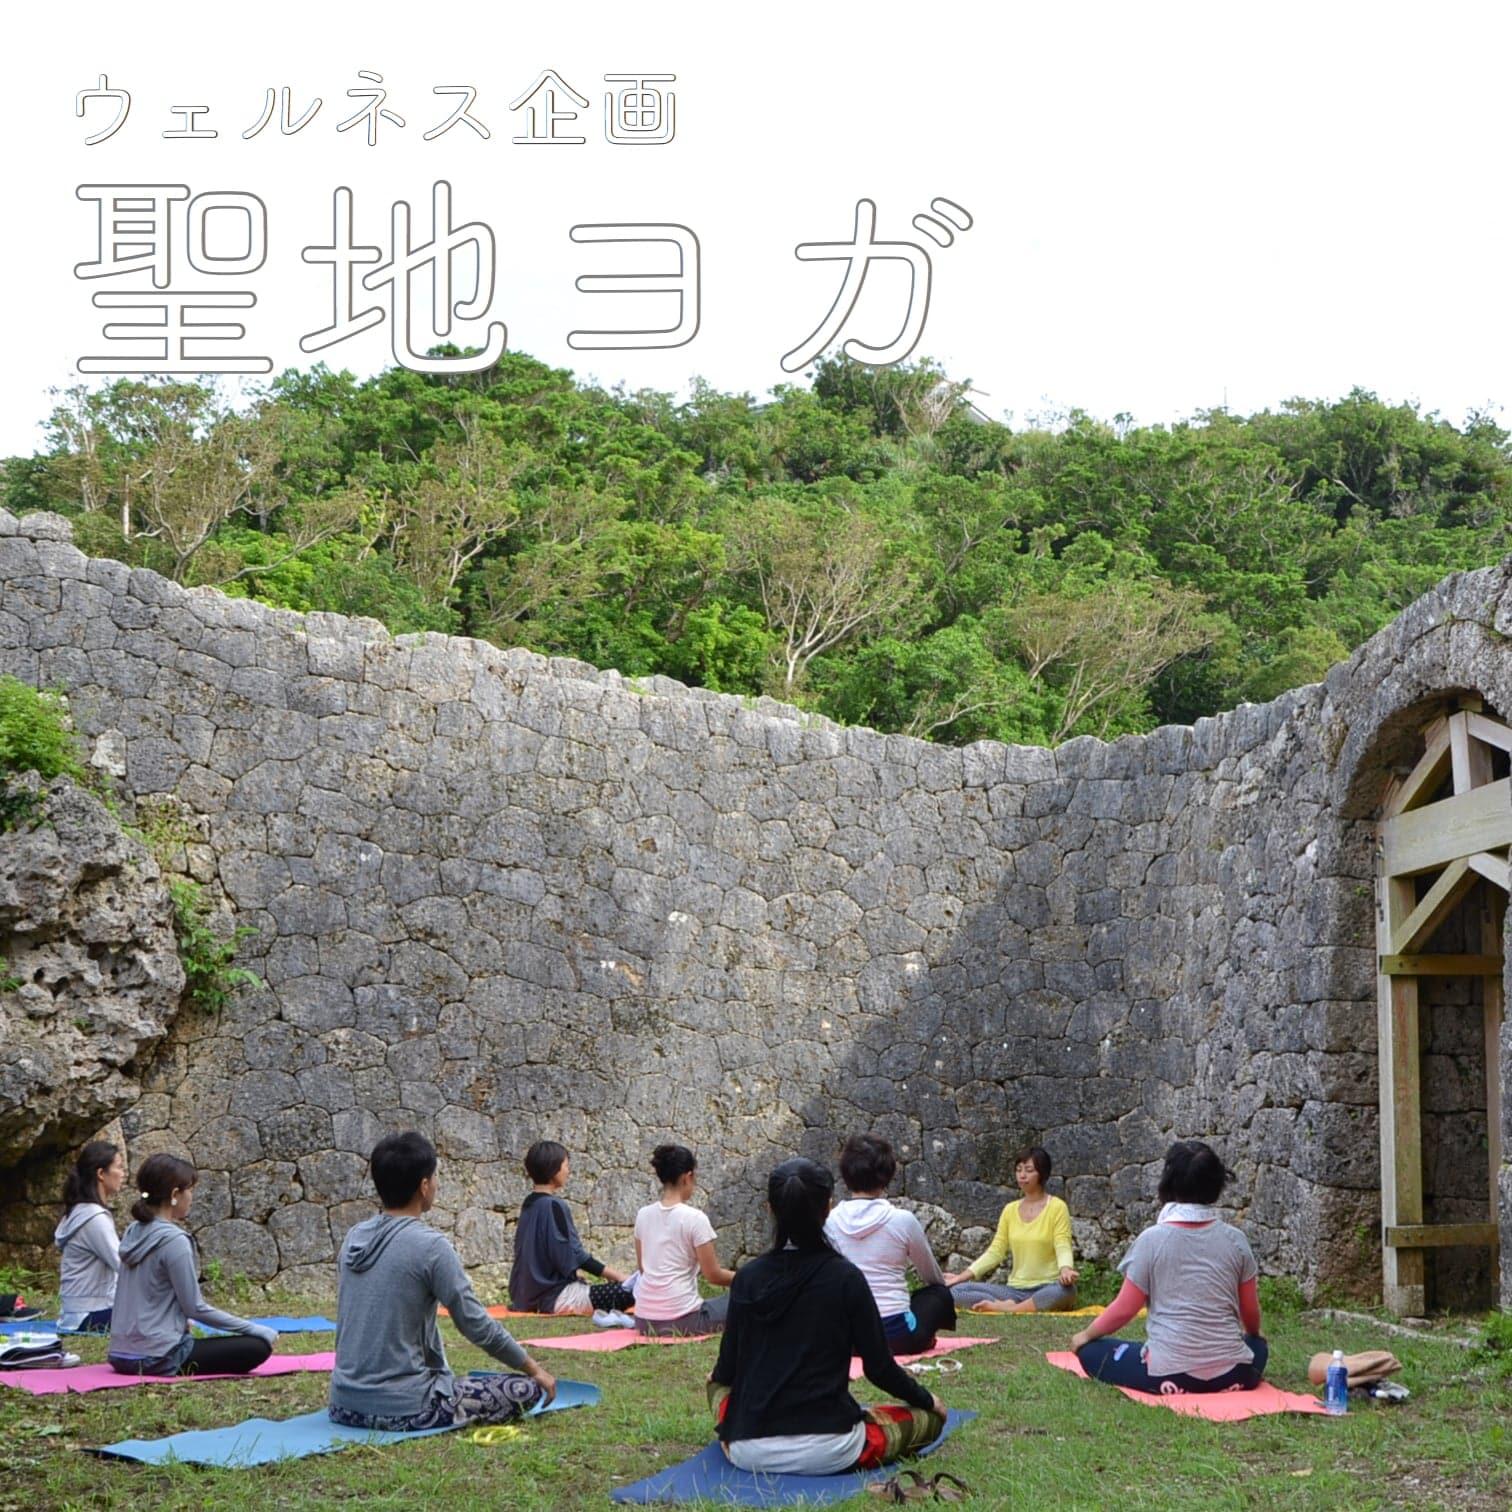 「城ヨガ発祥企画」2018年11月11日(日)沖縄ヨガ|聖地ヨガ|糸数グスク歴史ガイド付ヨガプログラム、南城市ウェルネスプログラムのイメージその1